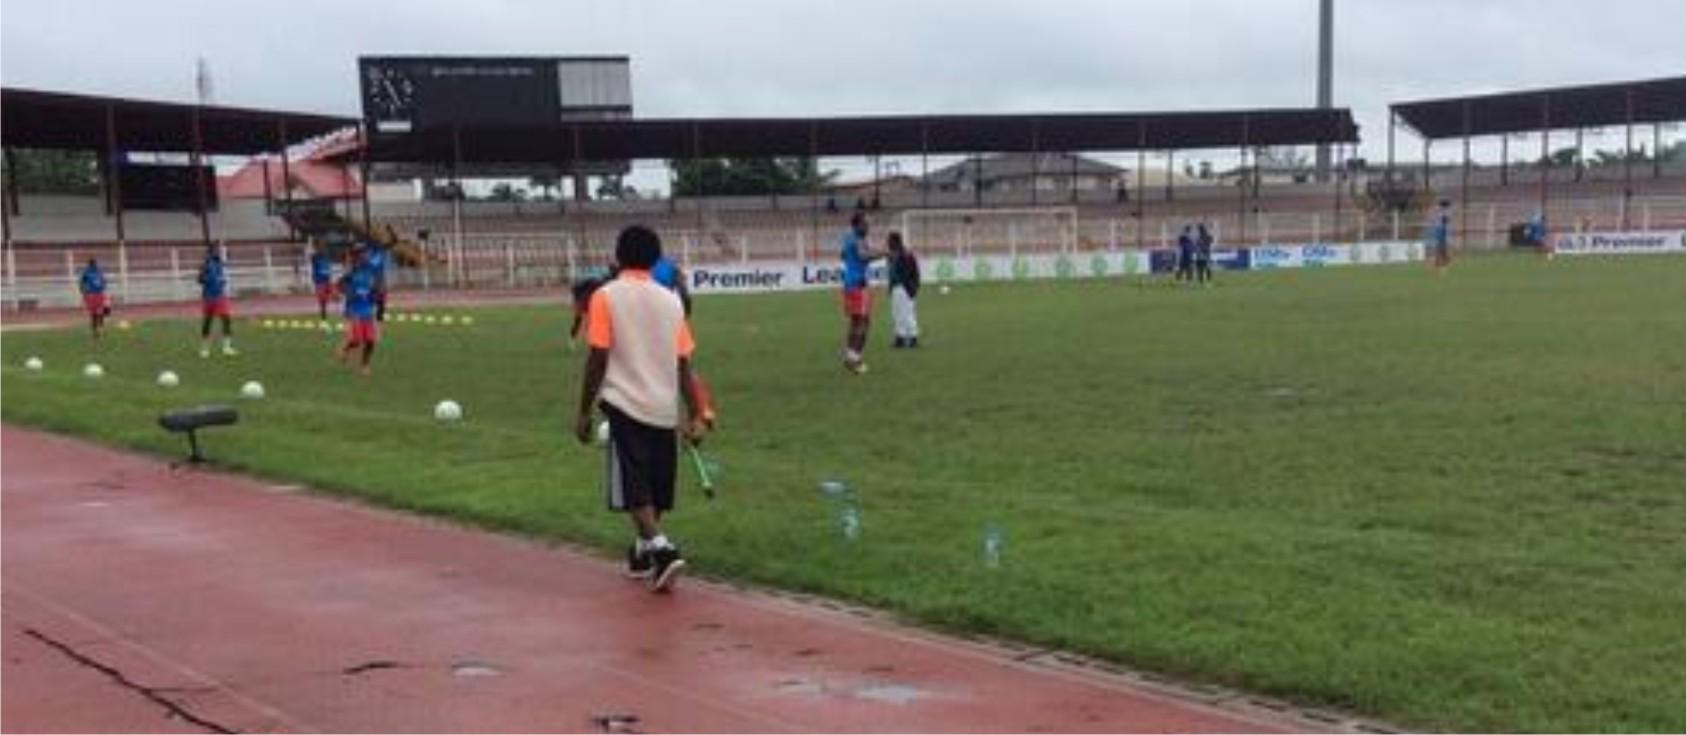 Dan Anyiam Stadium Owerri